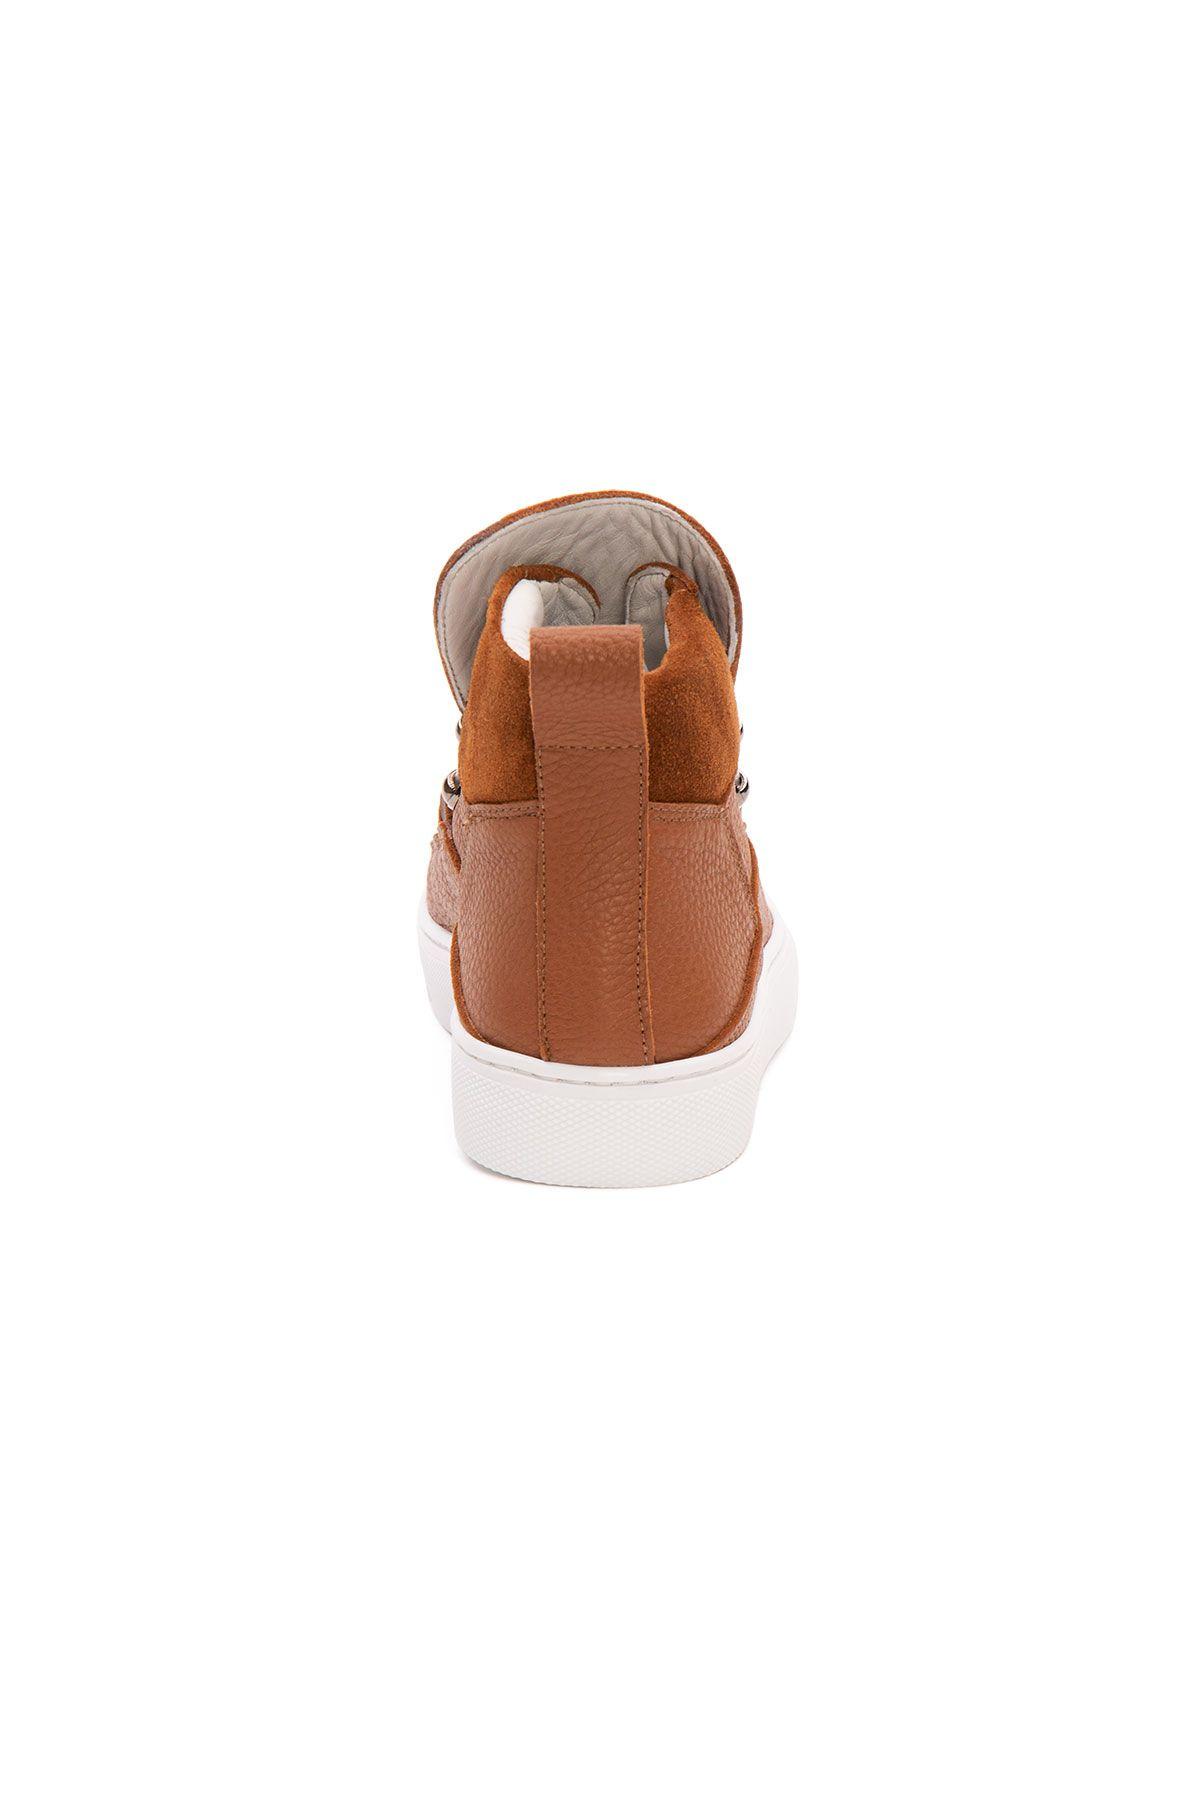 Pegia Genuine Leather Women's Sneaker LA1325 Ginger